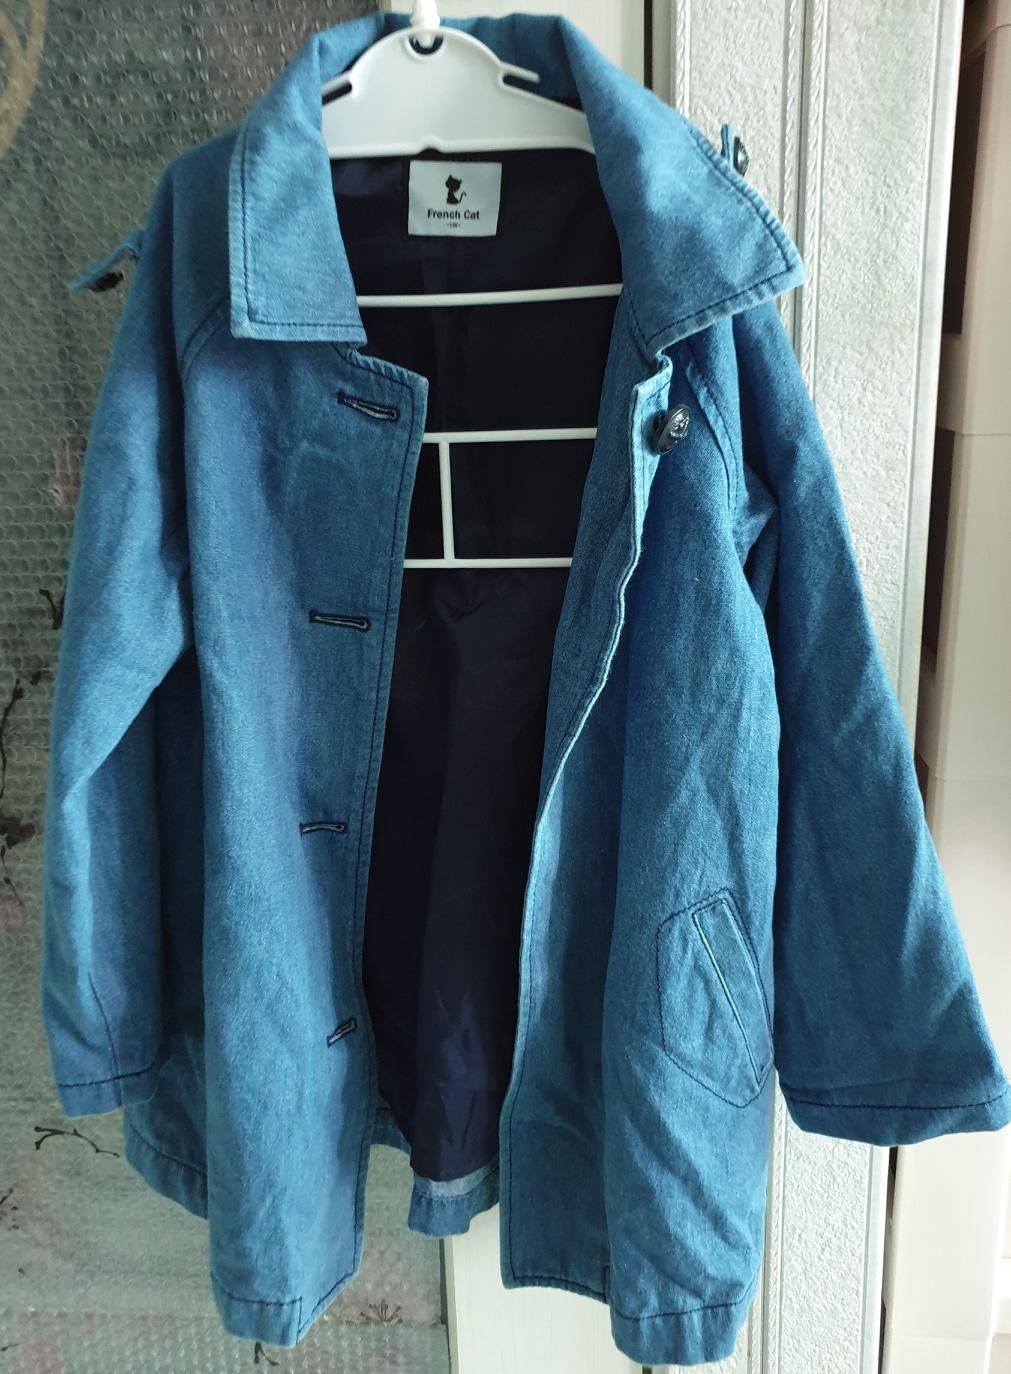 가격내림)프랜치캣 청 코트